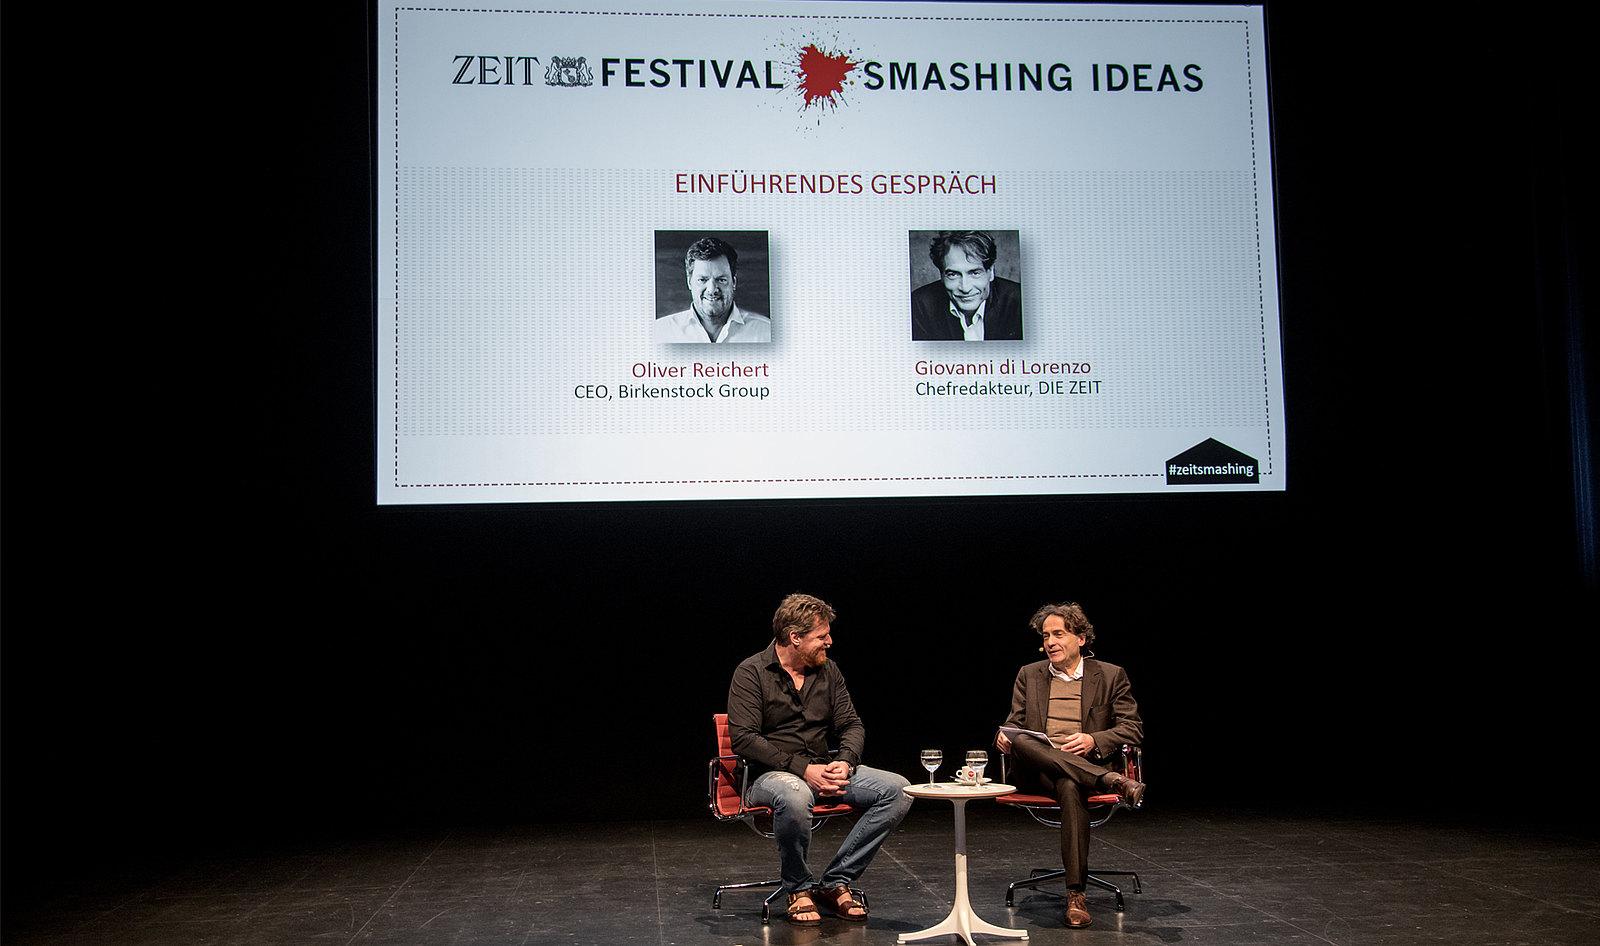 """ZEIT Konferenz """"Smashing Ideas"""": Birkenstock Group"""